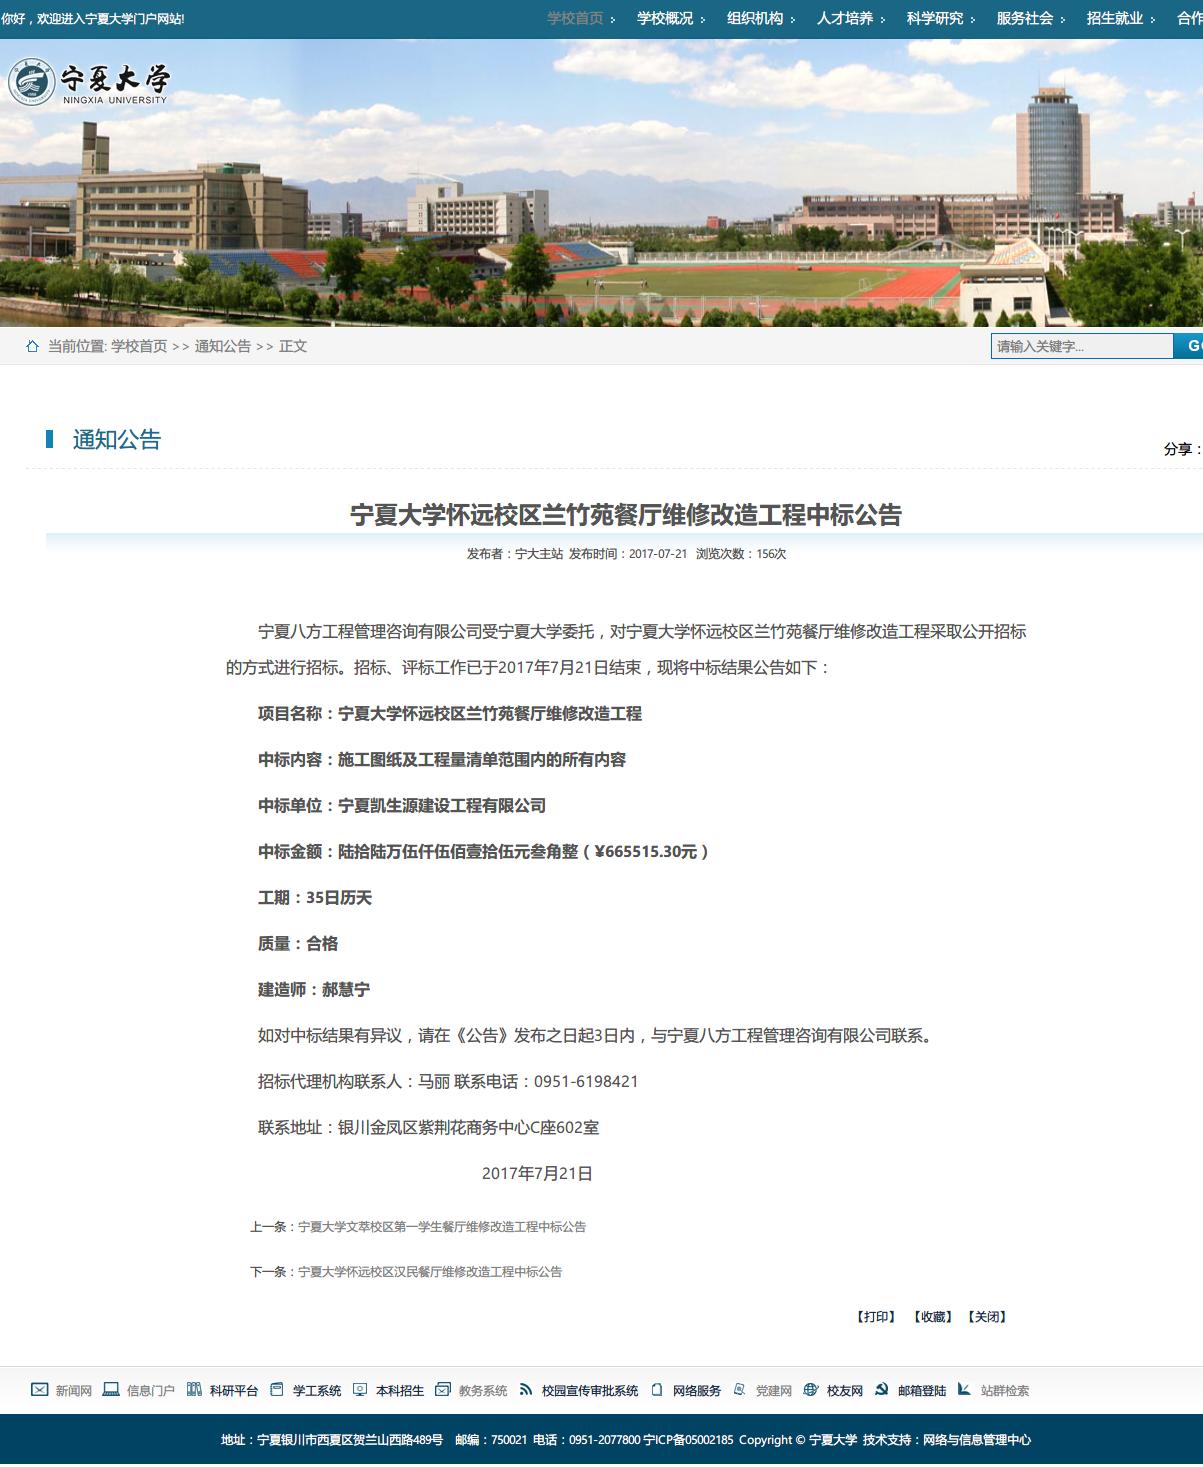 开学后宁夏大学的汉民餐厅会变成什么样子?